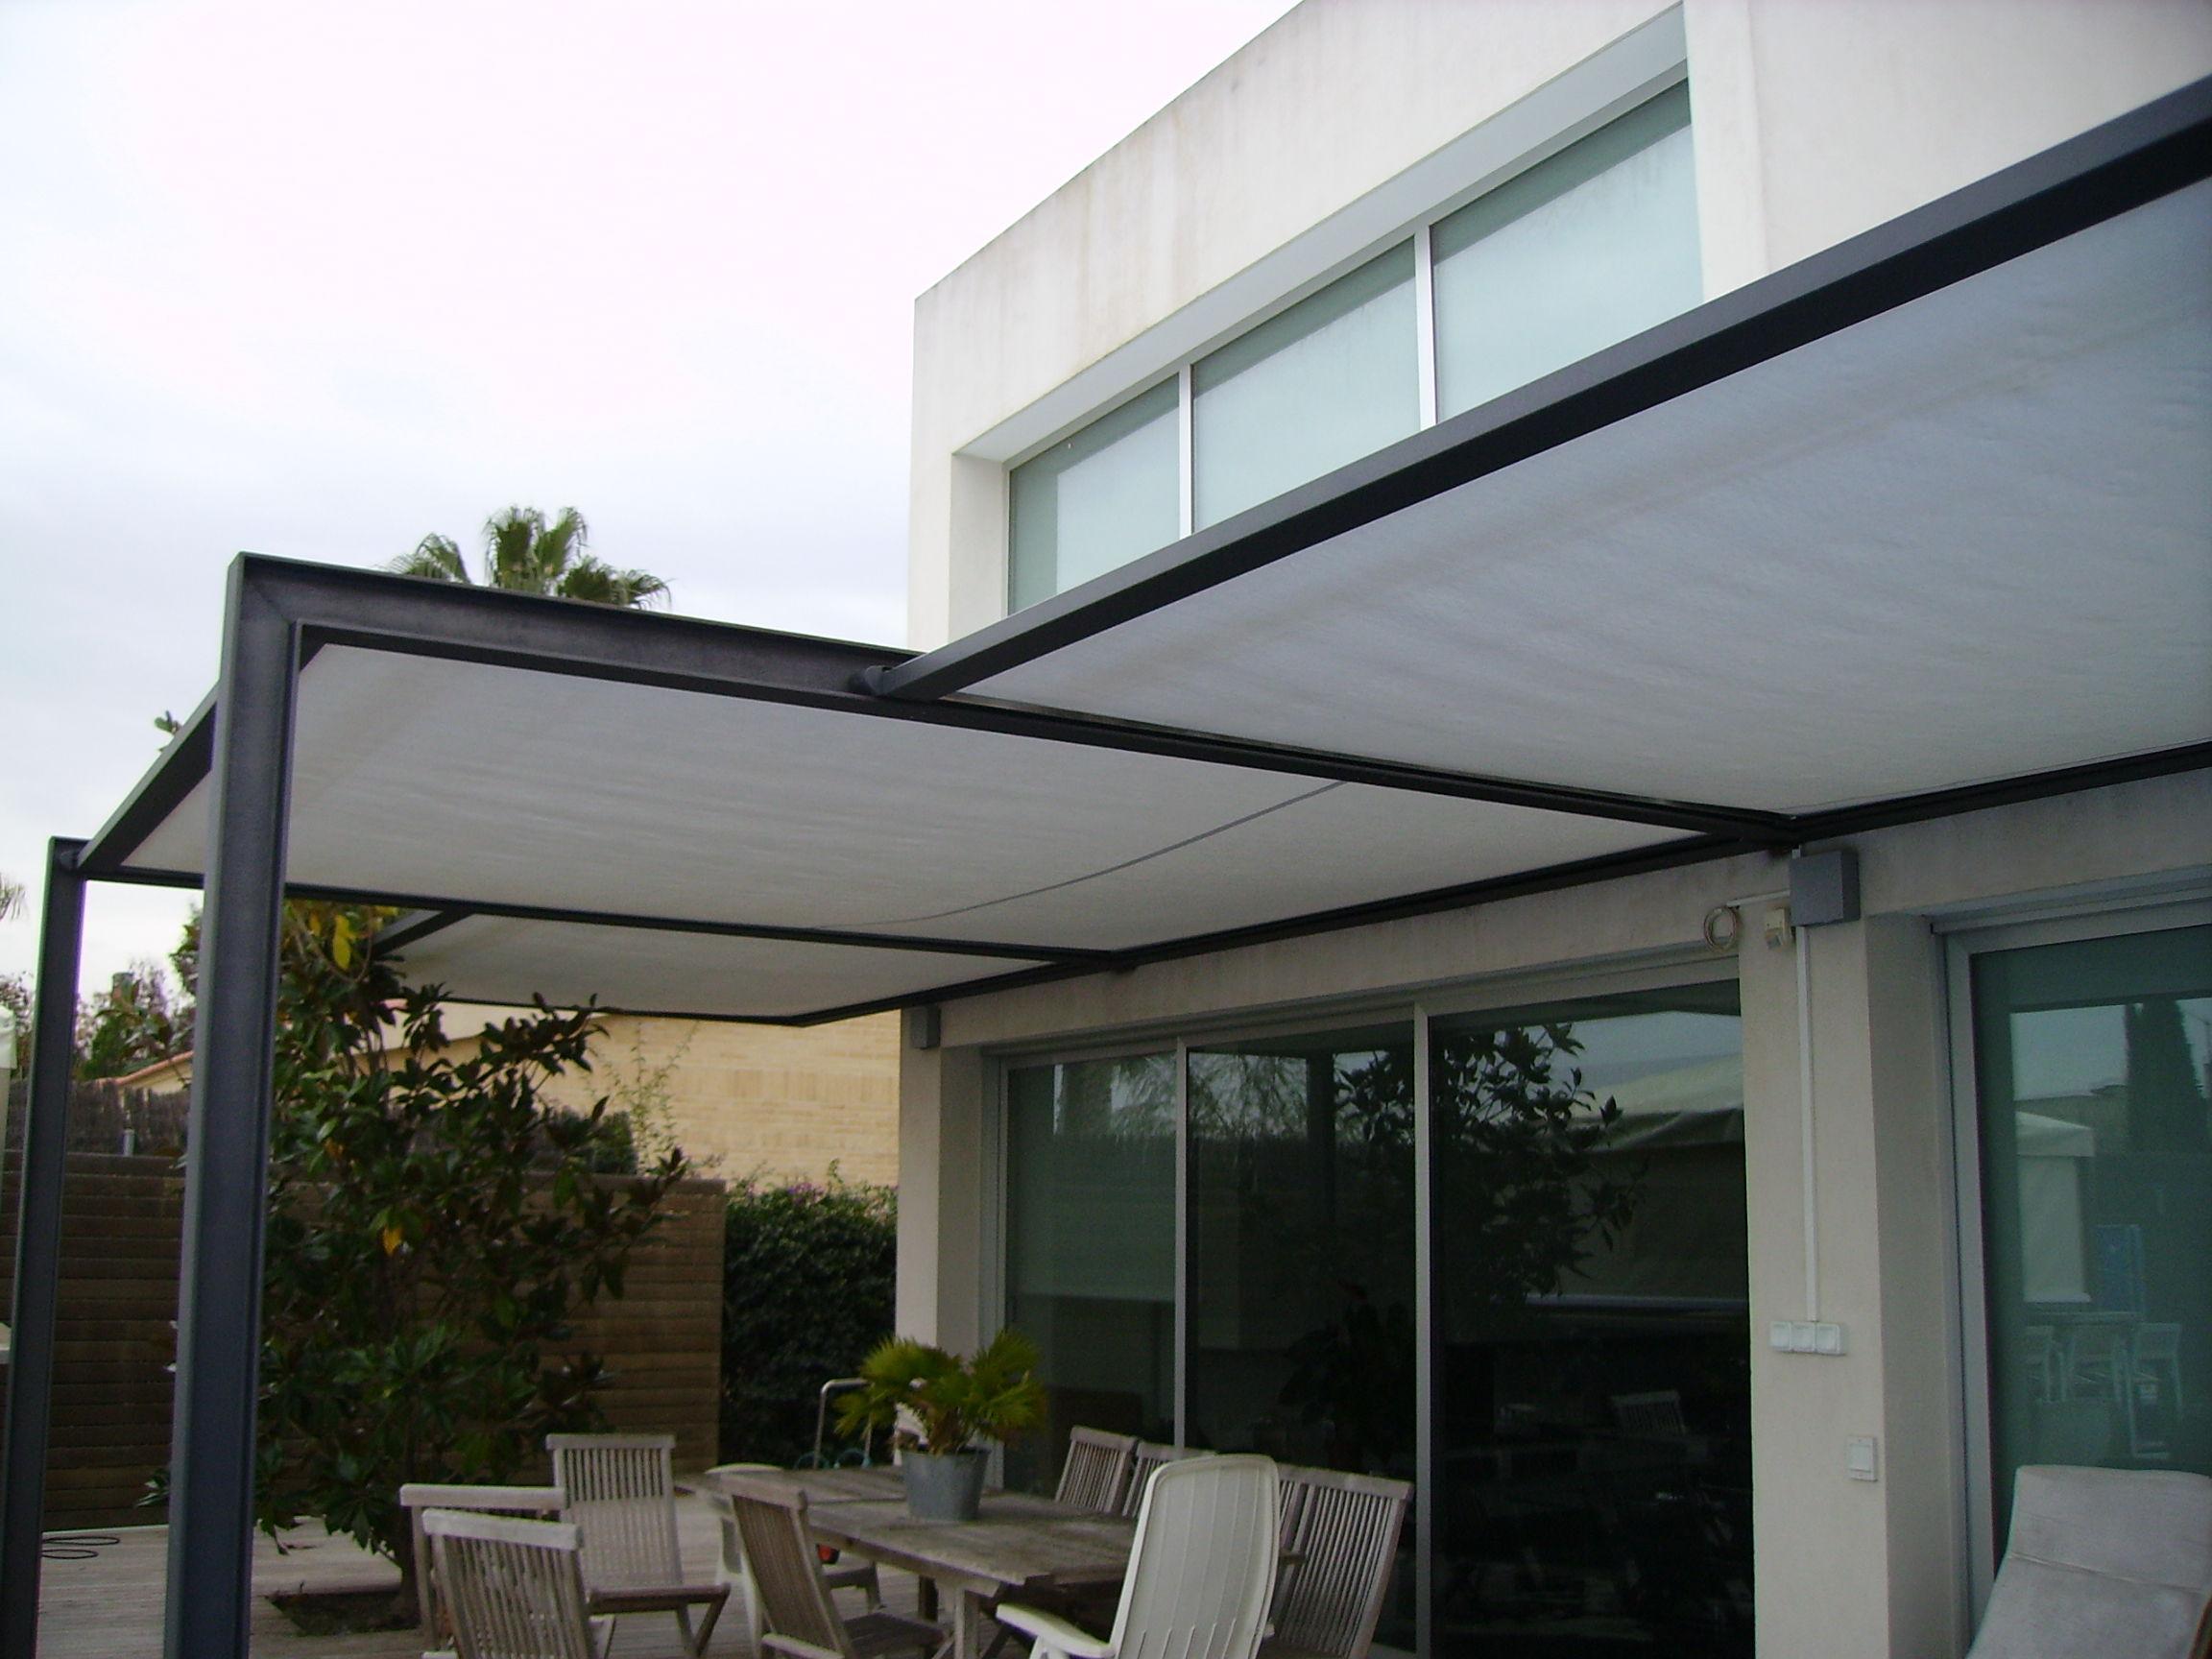 7 toldos para cubrir veranda acristaladas cat logo de